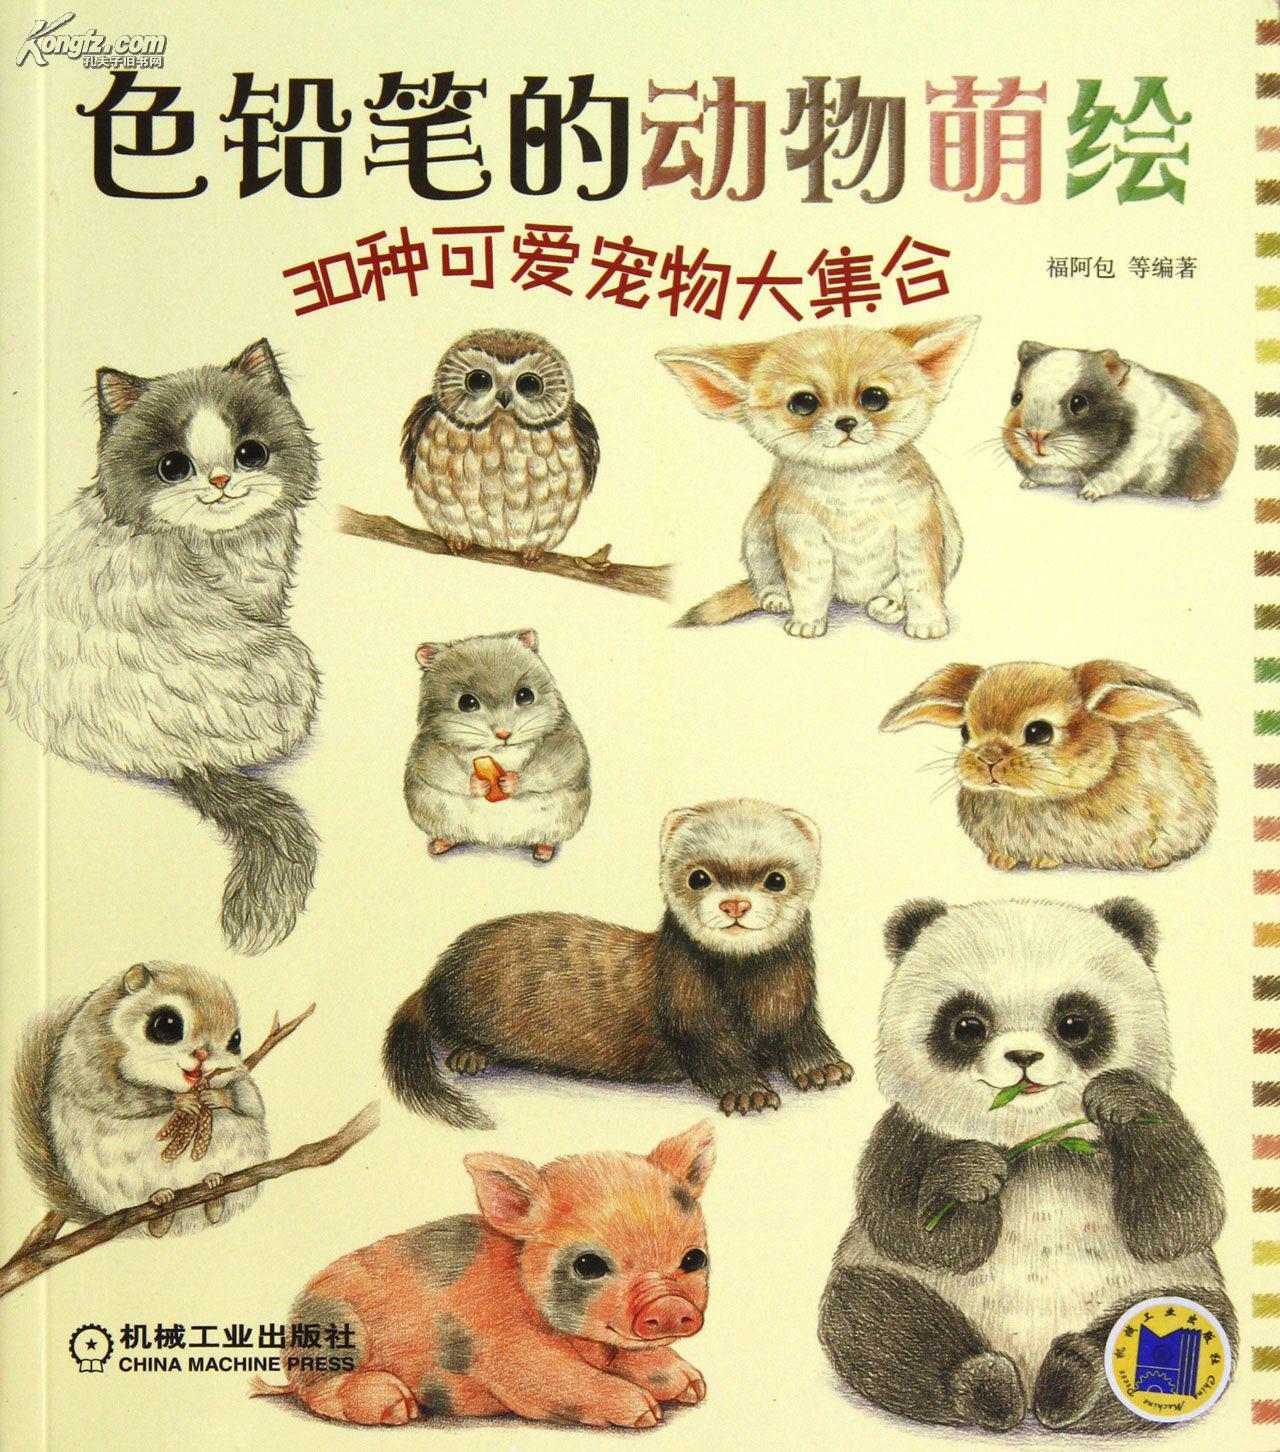 色铅笔的动物萌绘(30种可爱宠物大集合)